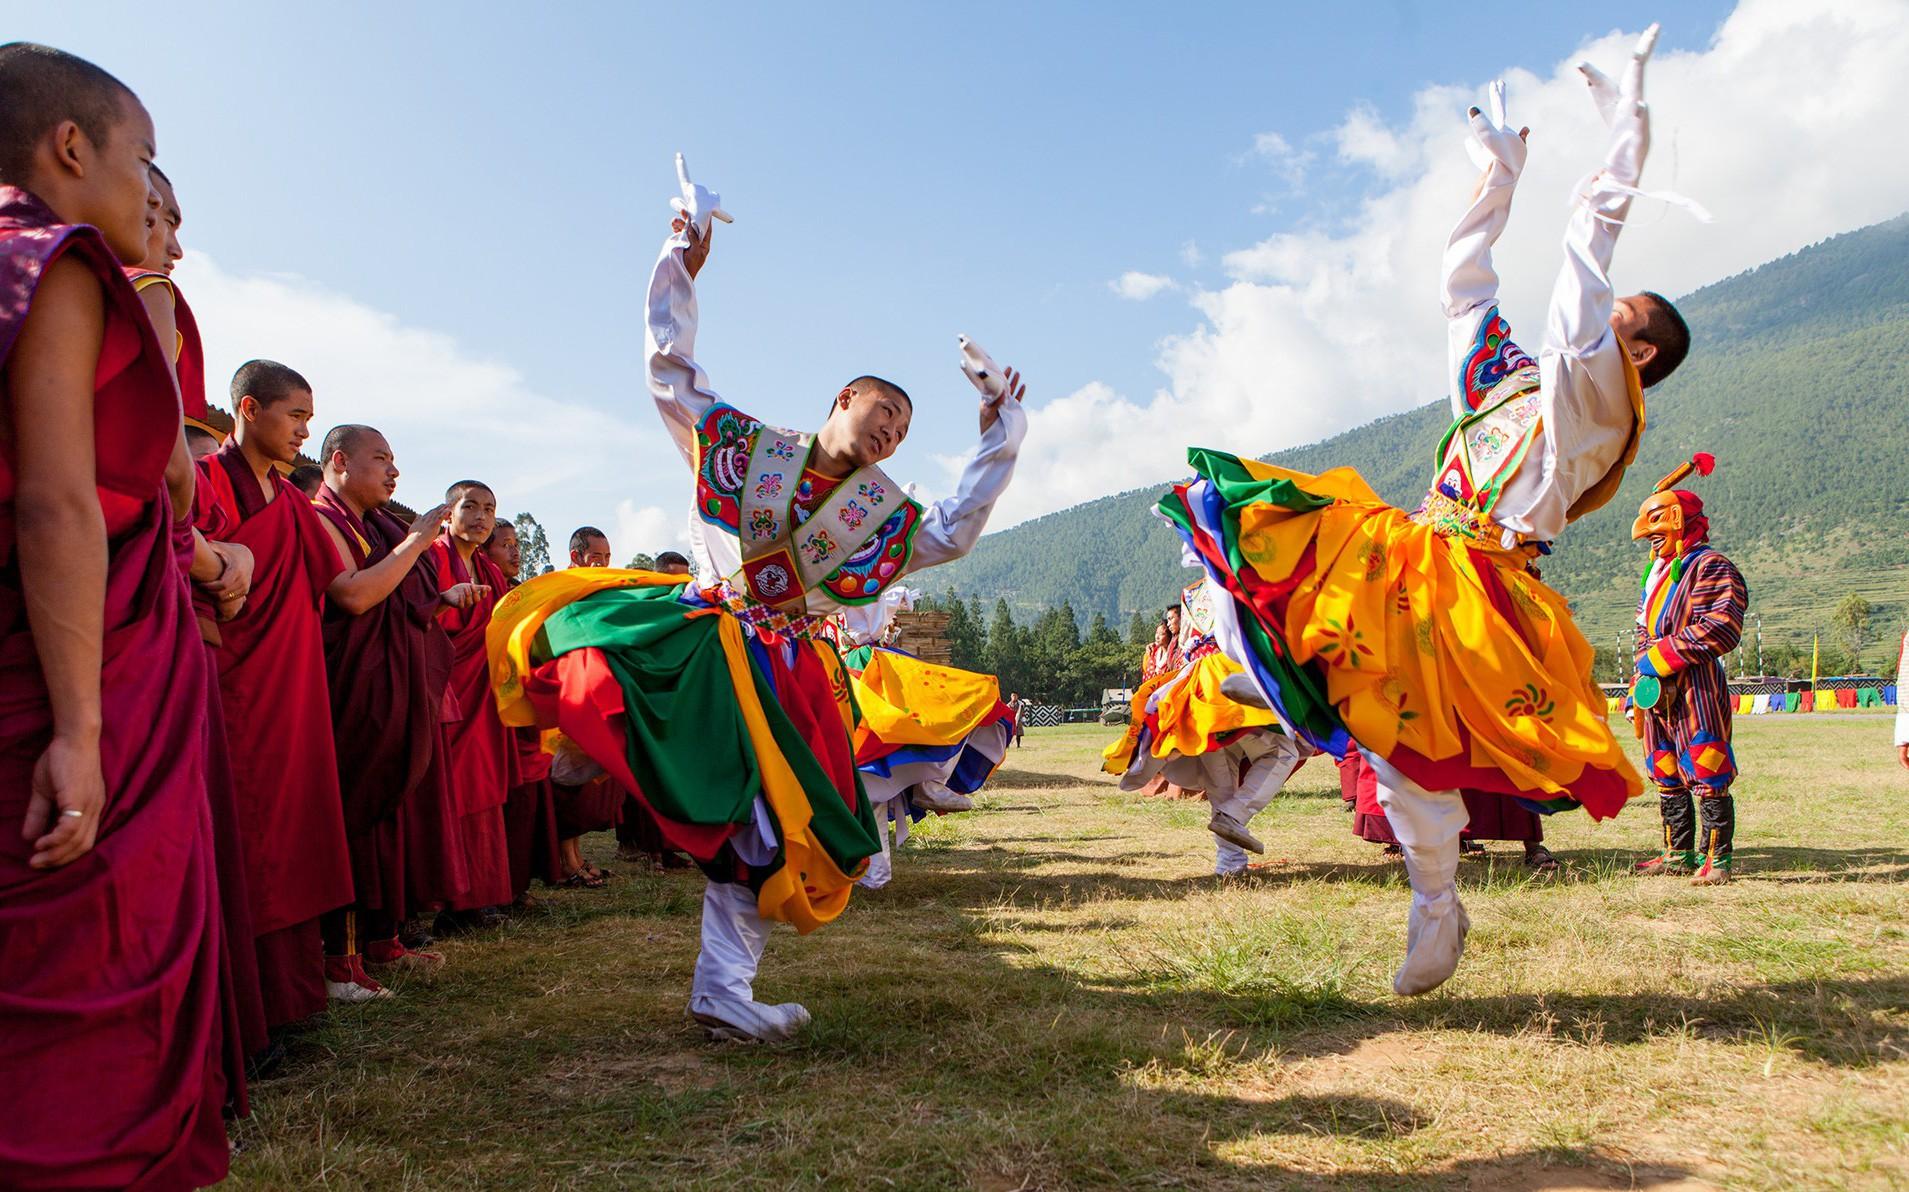 Bay thẳng đến đất nước hạnh phúc Bhutan